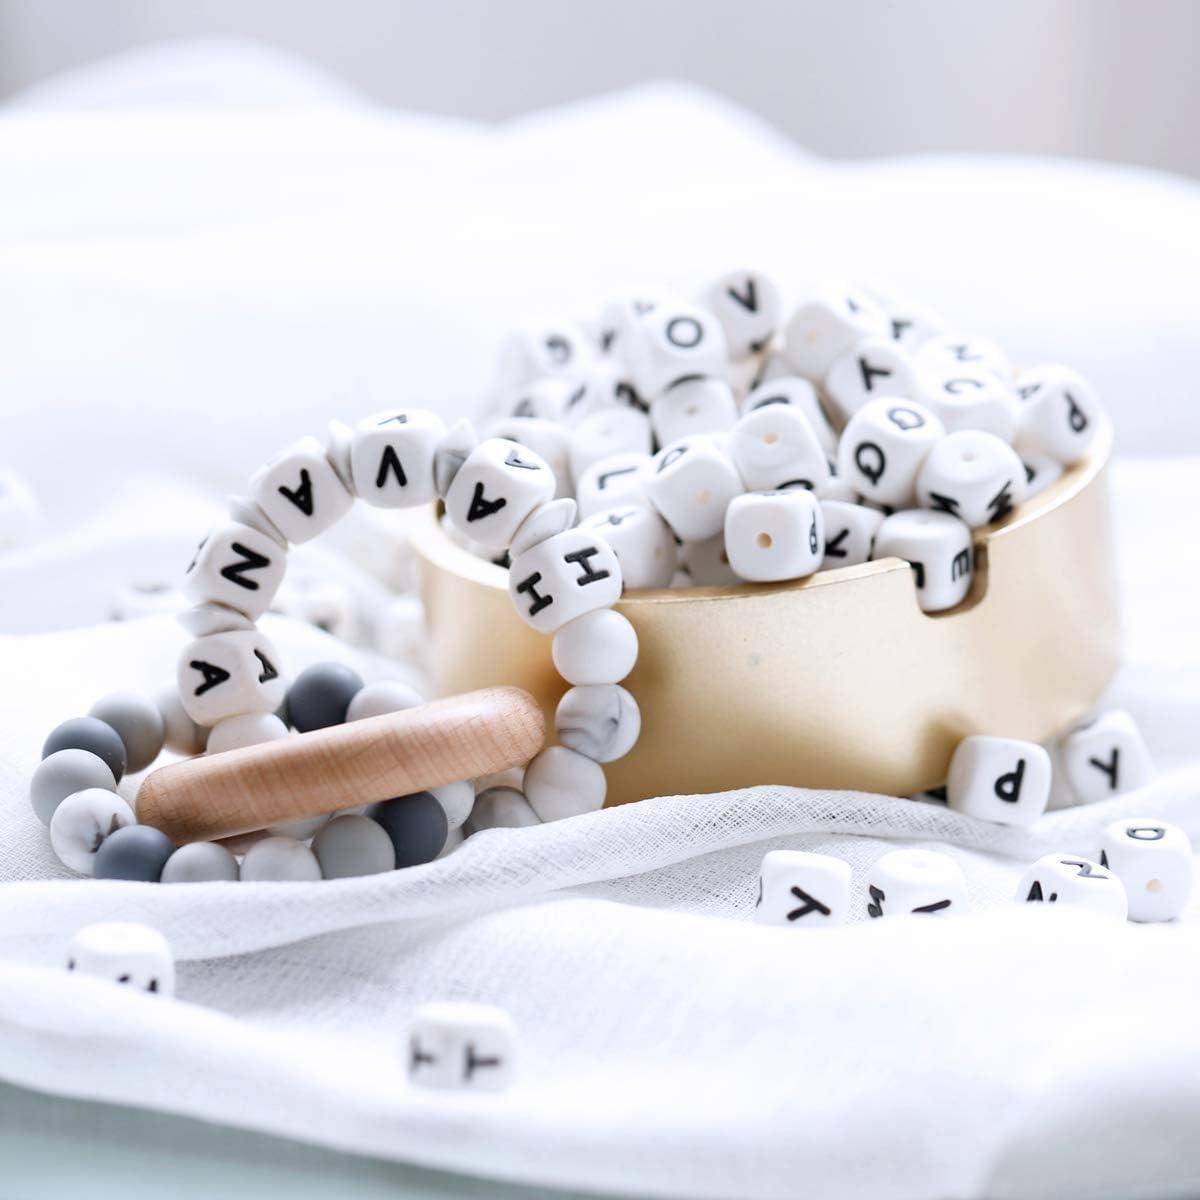 Mamimami Home 100pc Letra del alfabeto de grano de alimentos de silicona masticar perlas de dentición collar En 26 Letras Cuentas de silicona